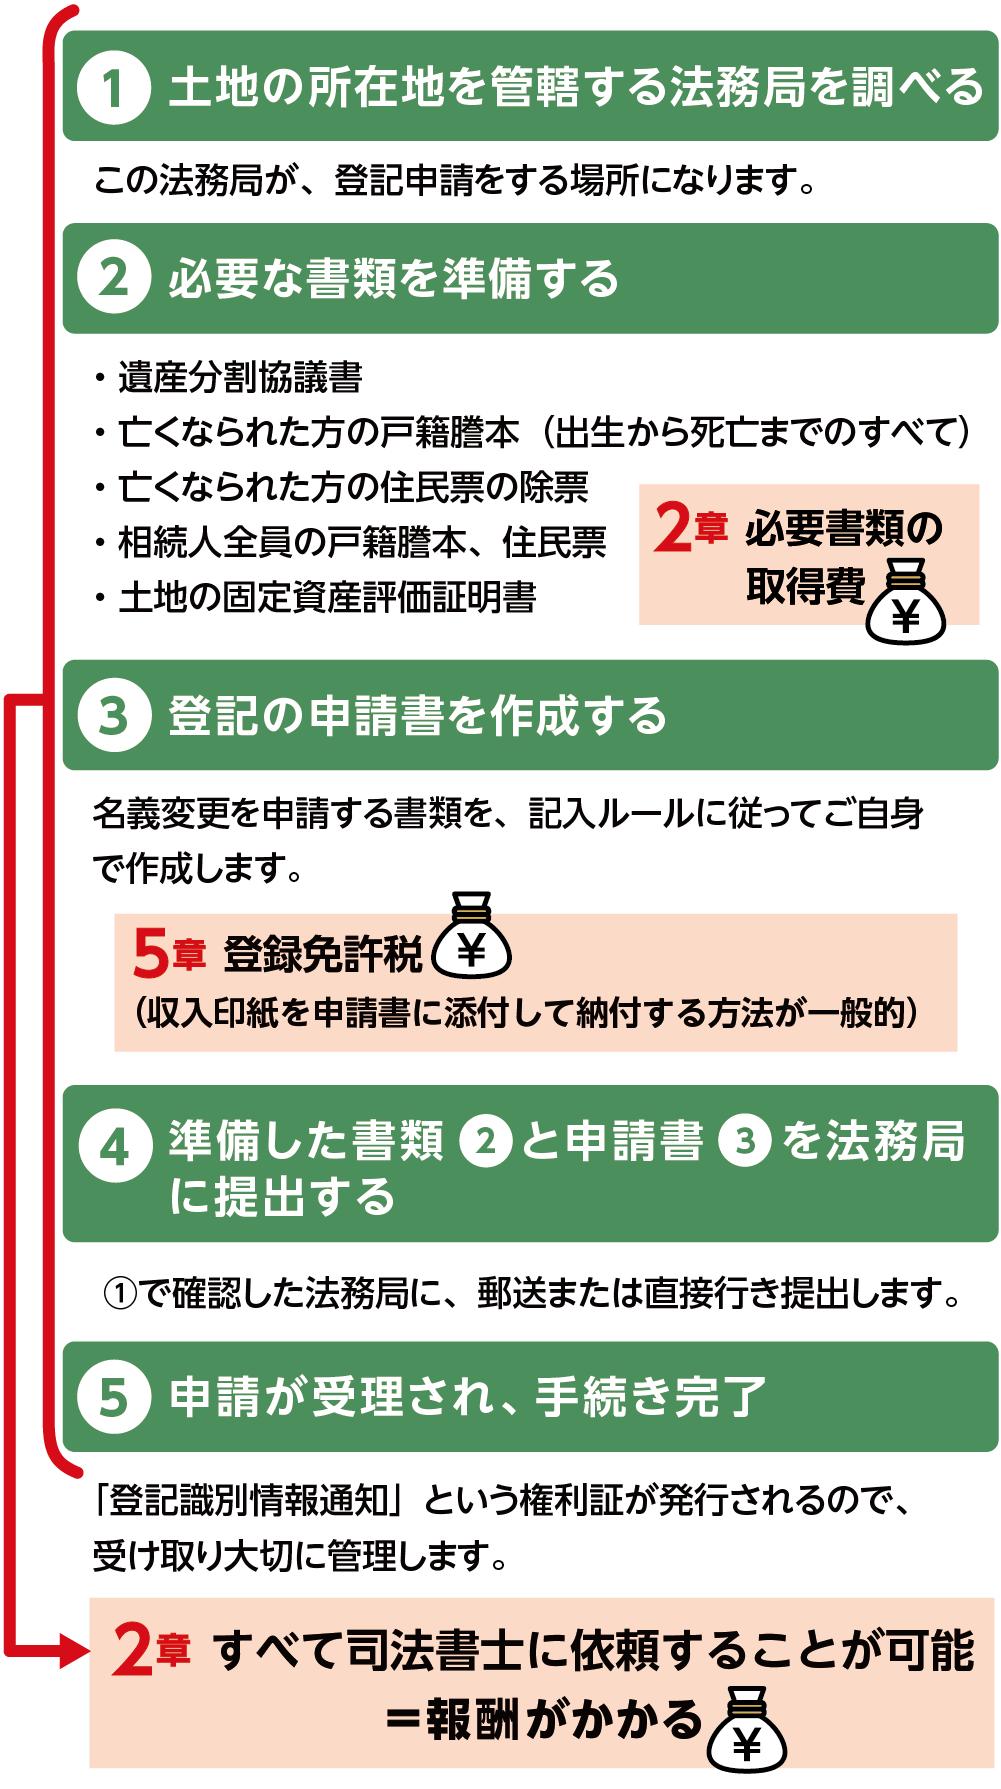 相続登記をするための5つのステップと費用